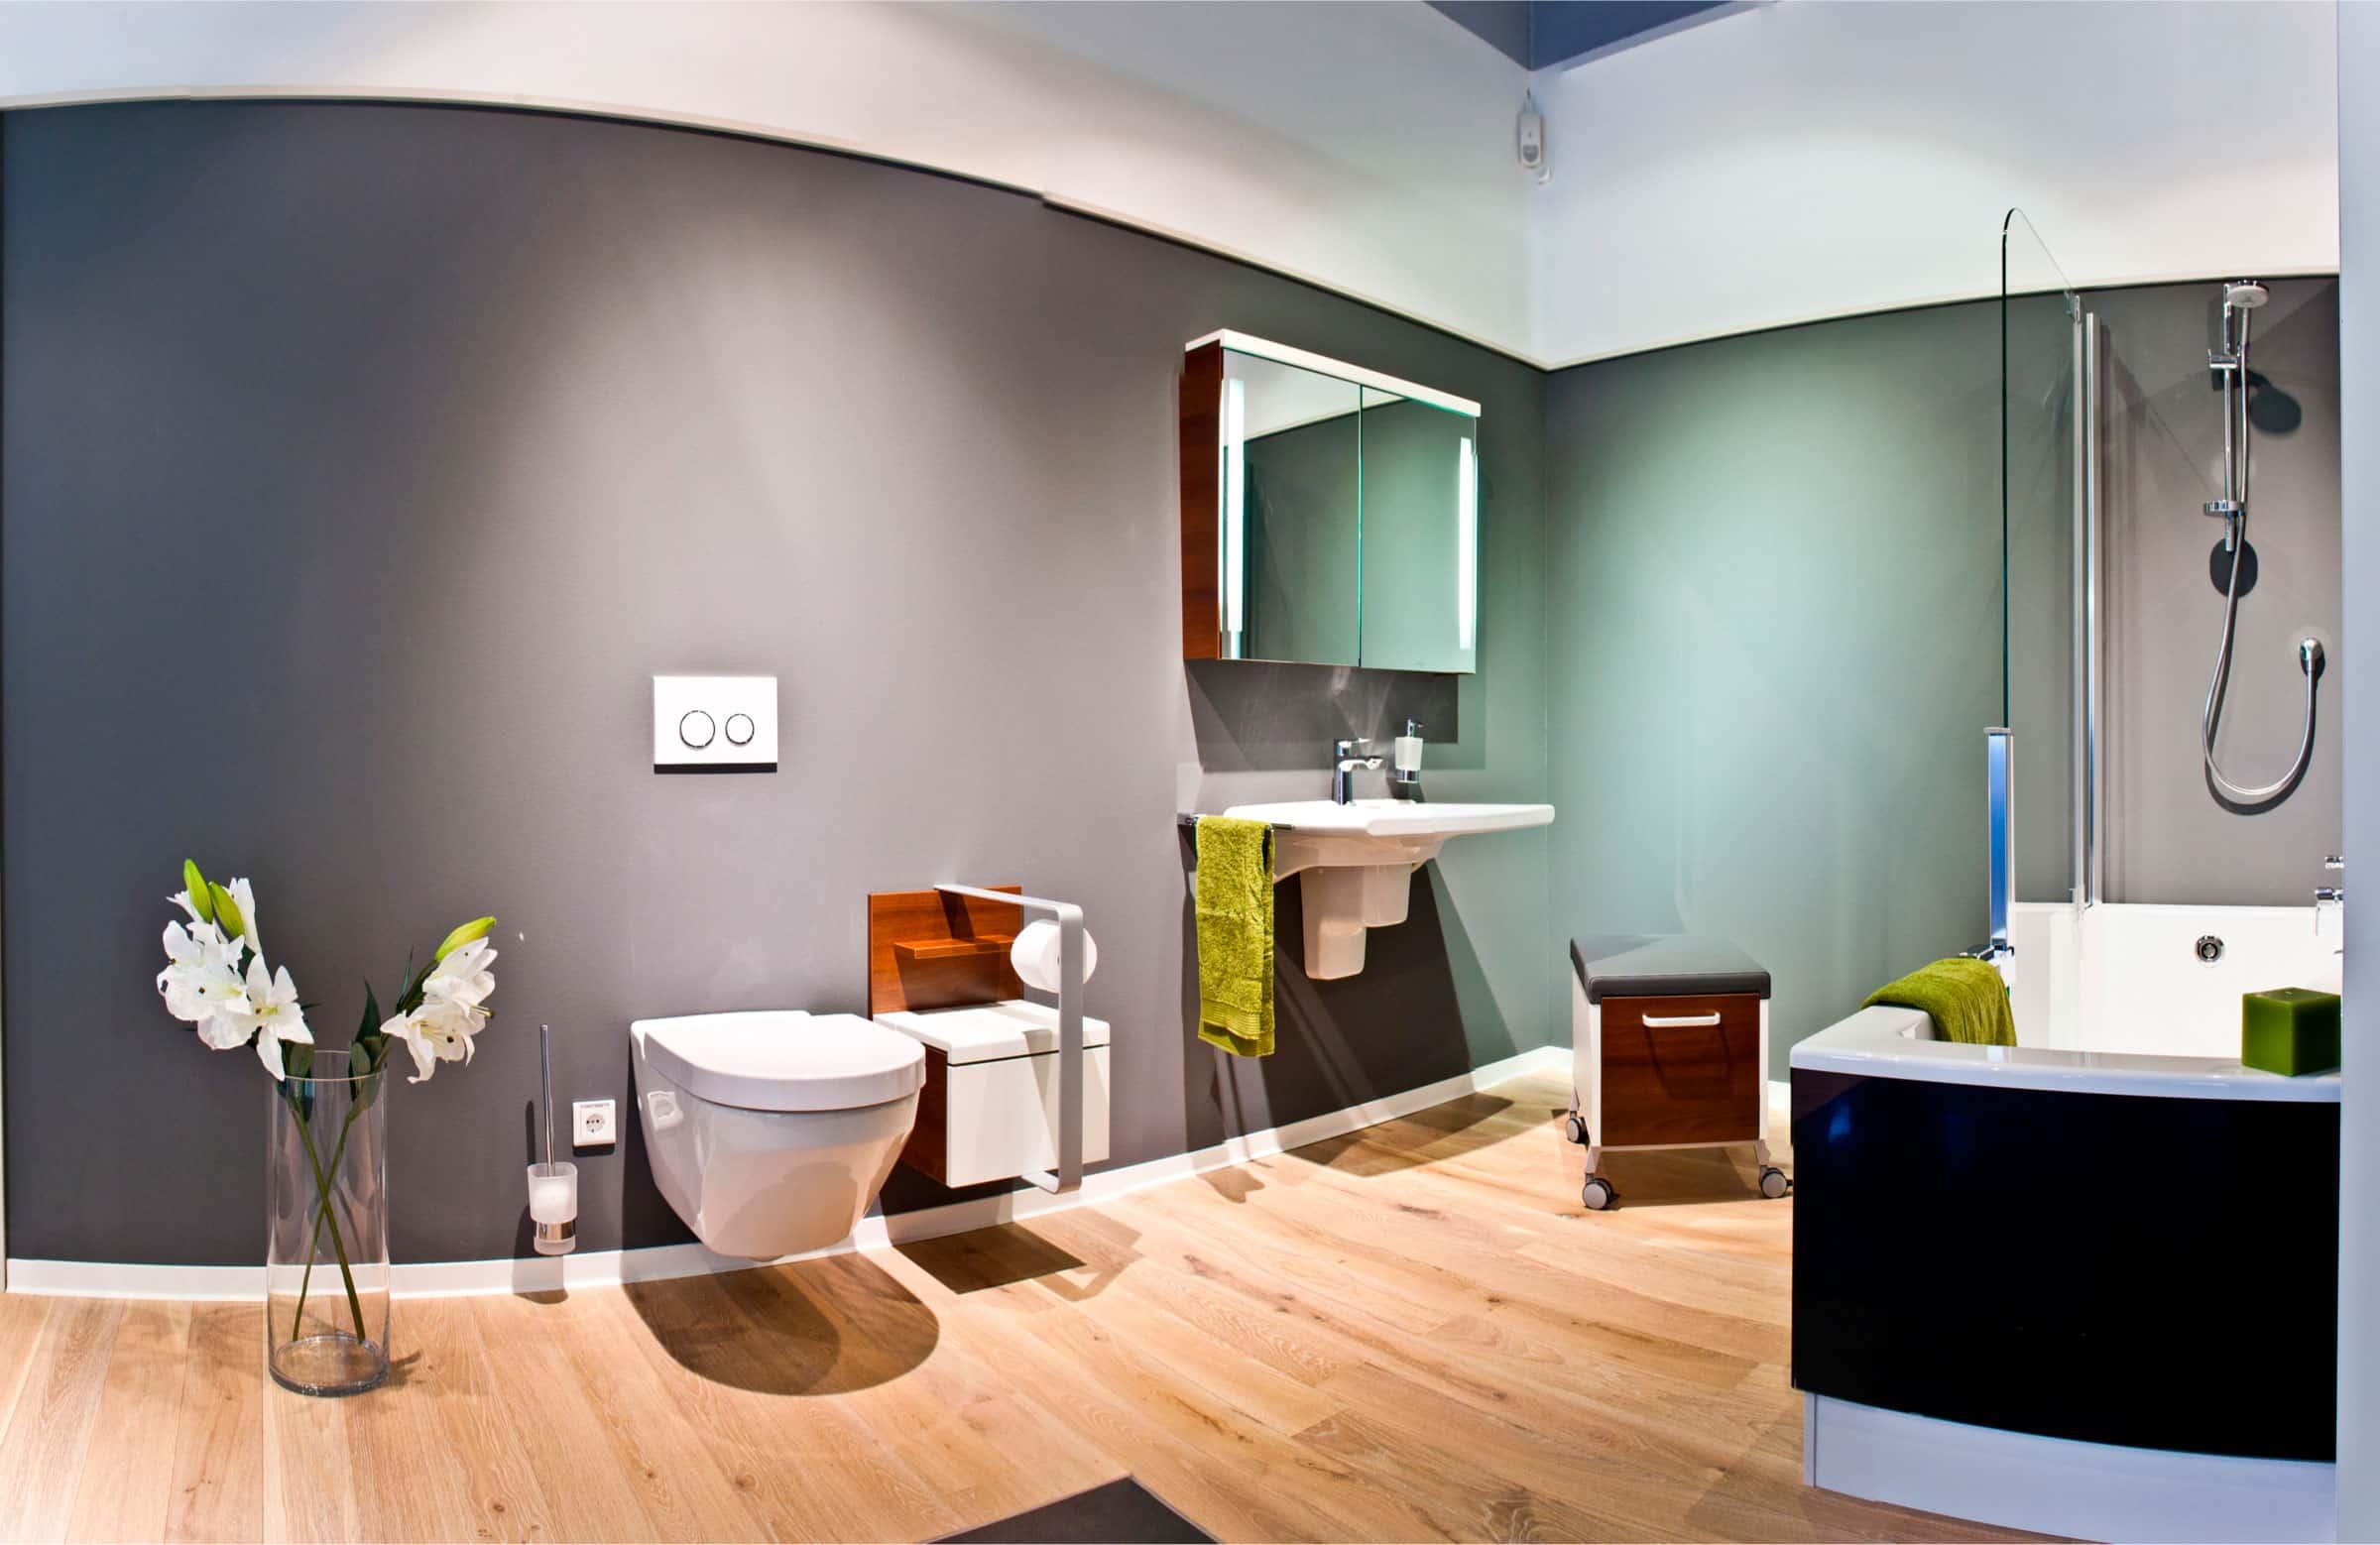 badausstellung mainz badplanung badsanierung reibstein gmbh. Black Bedroom Furniture Sets. Home Design Ideas